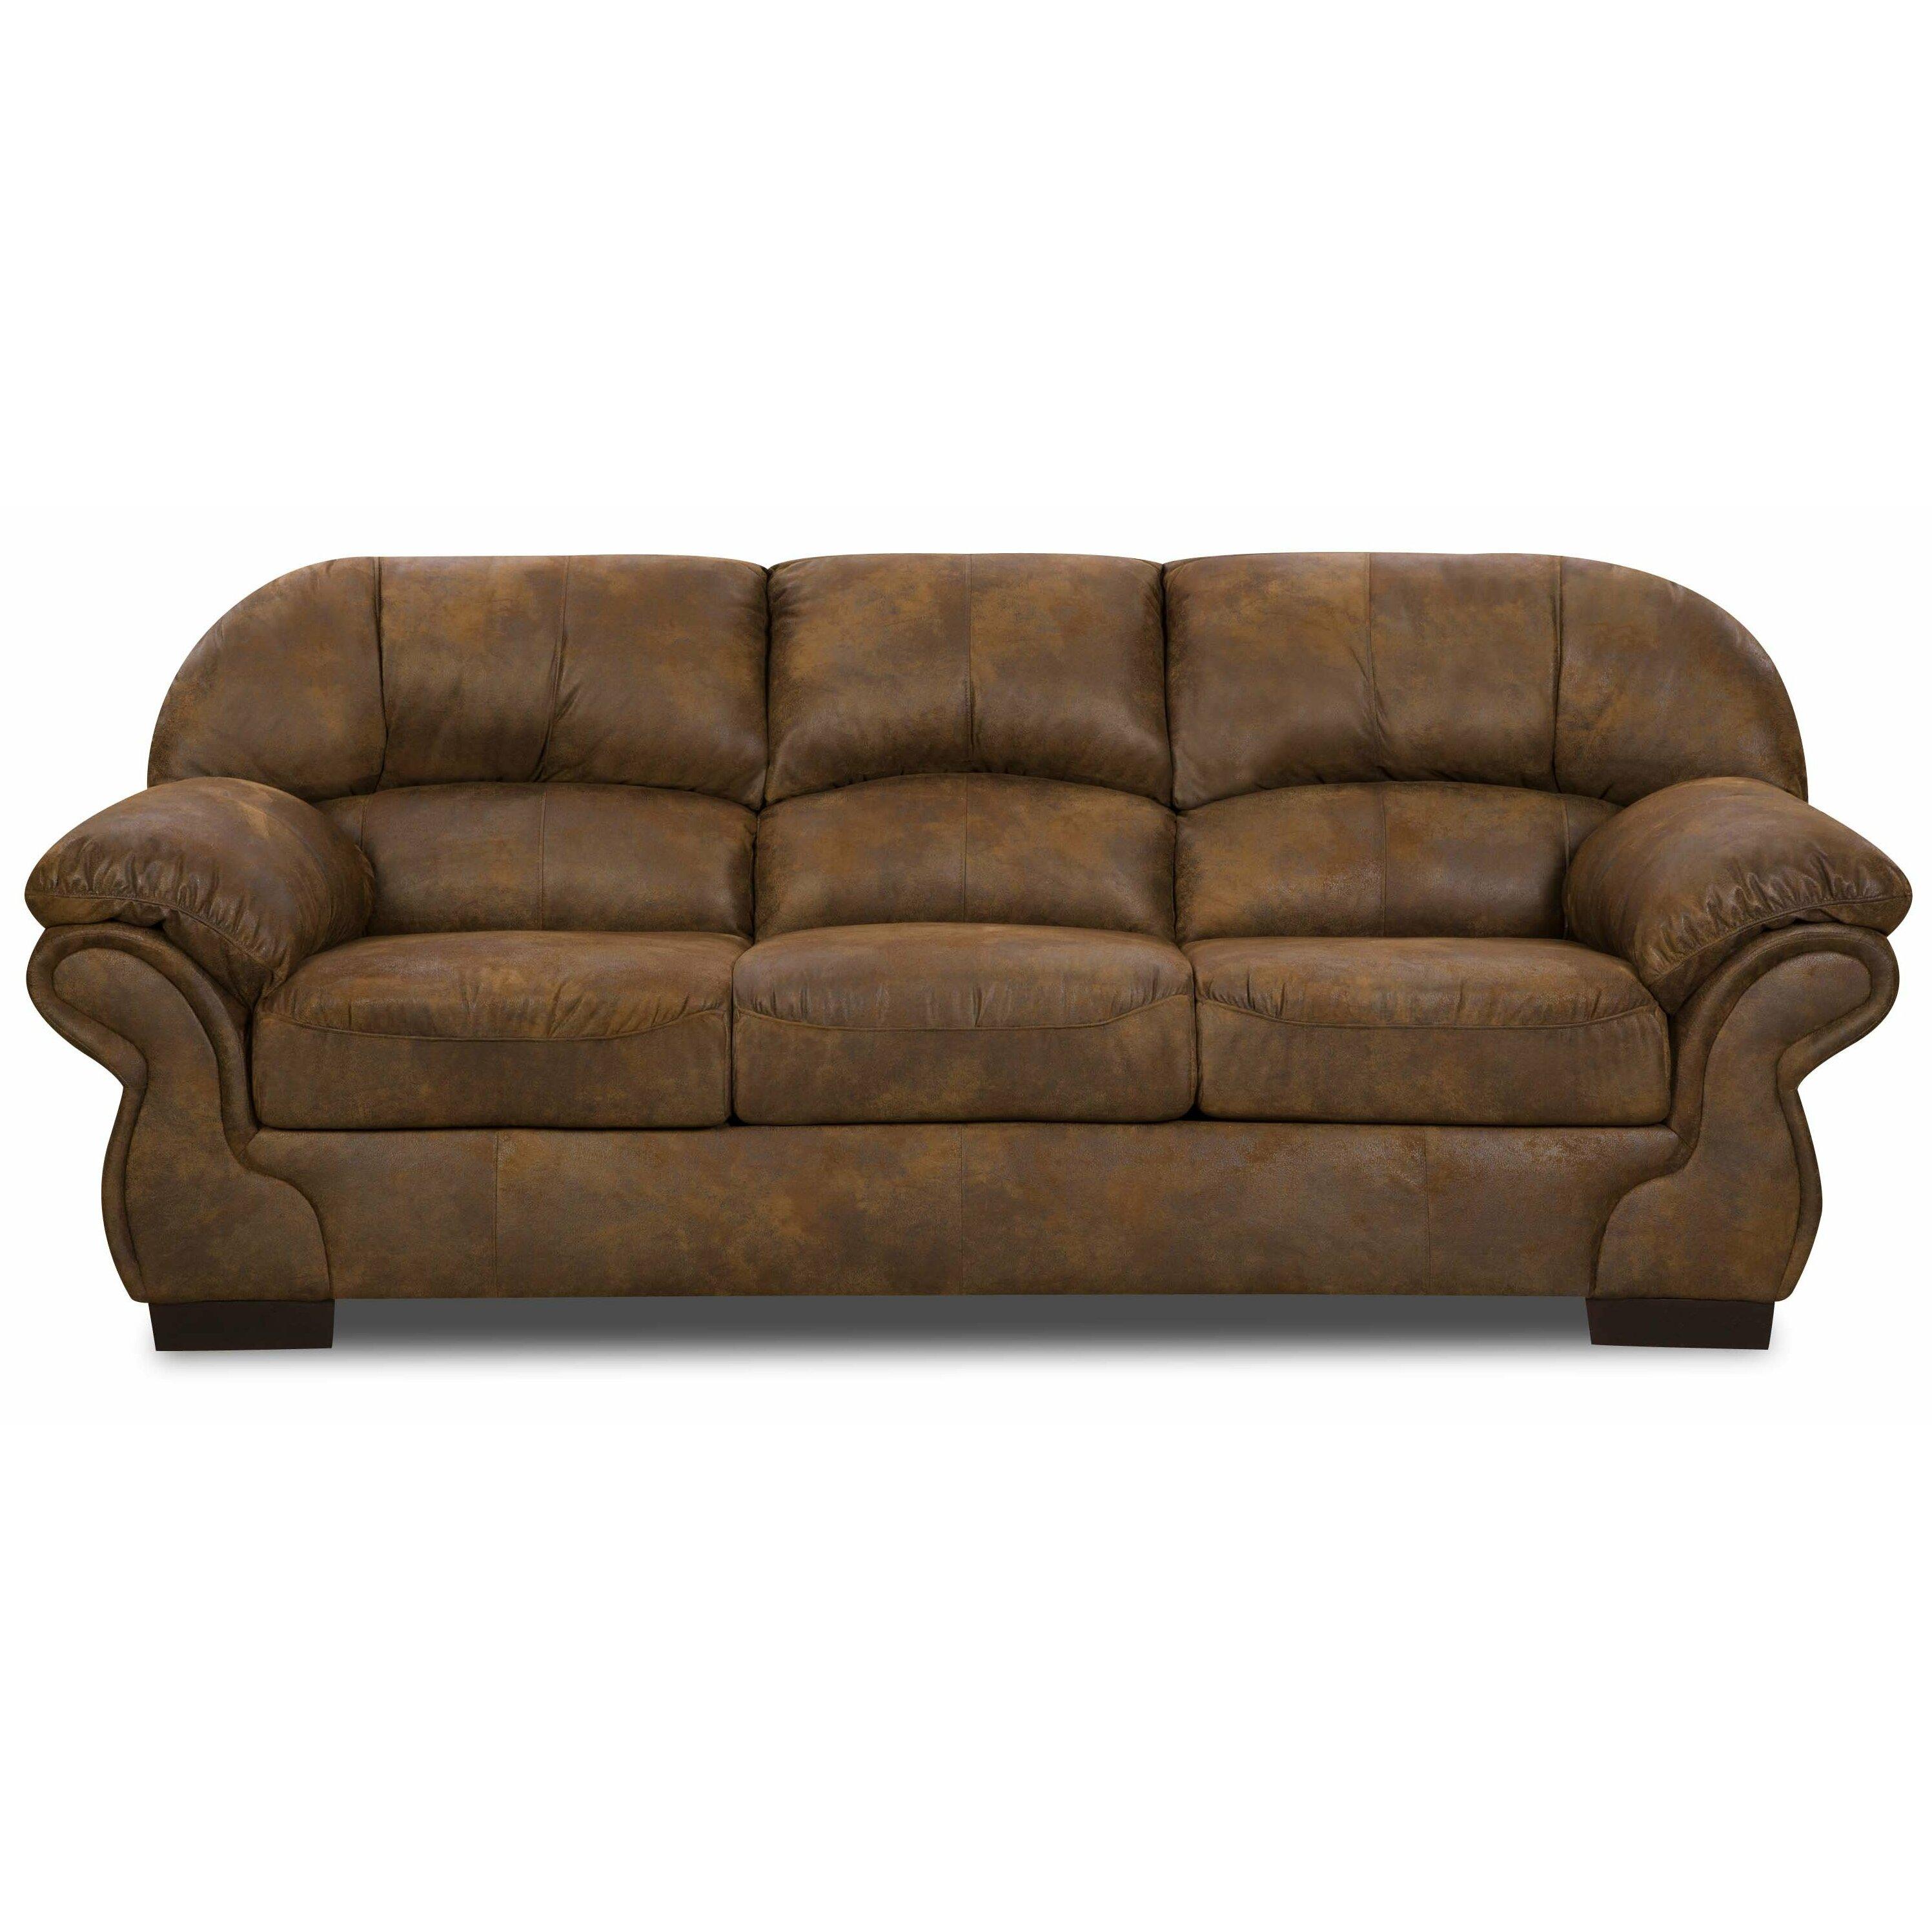 Simmons upholstery pinto sofa reviews wayfair for Simmons upholstery sectional sofa